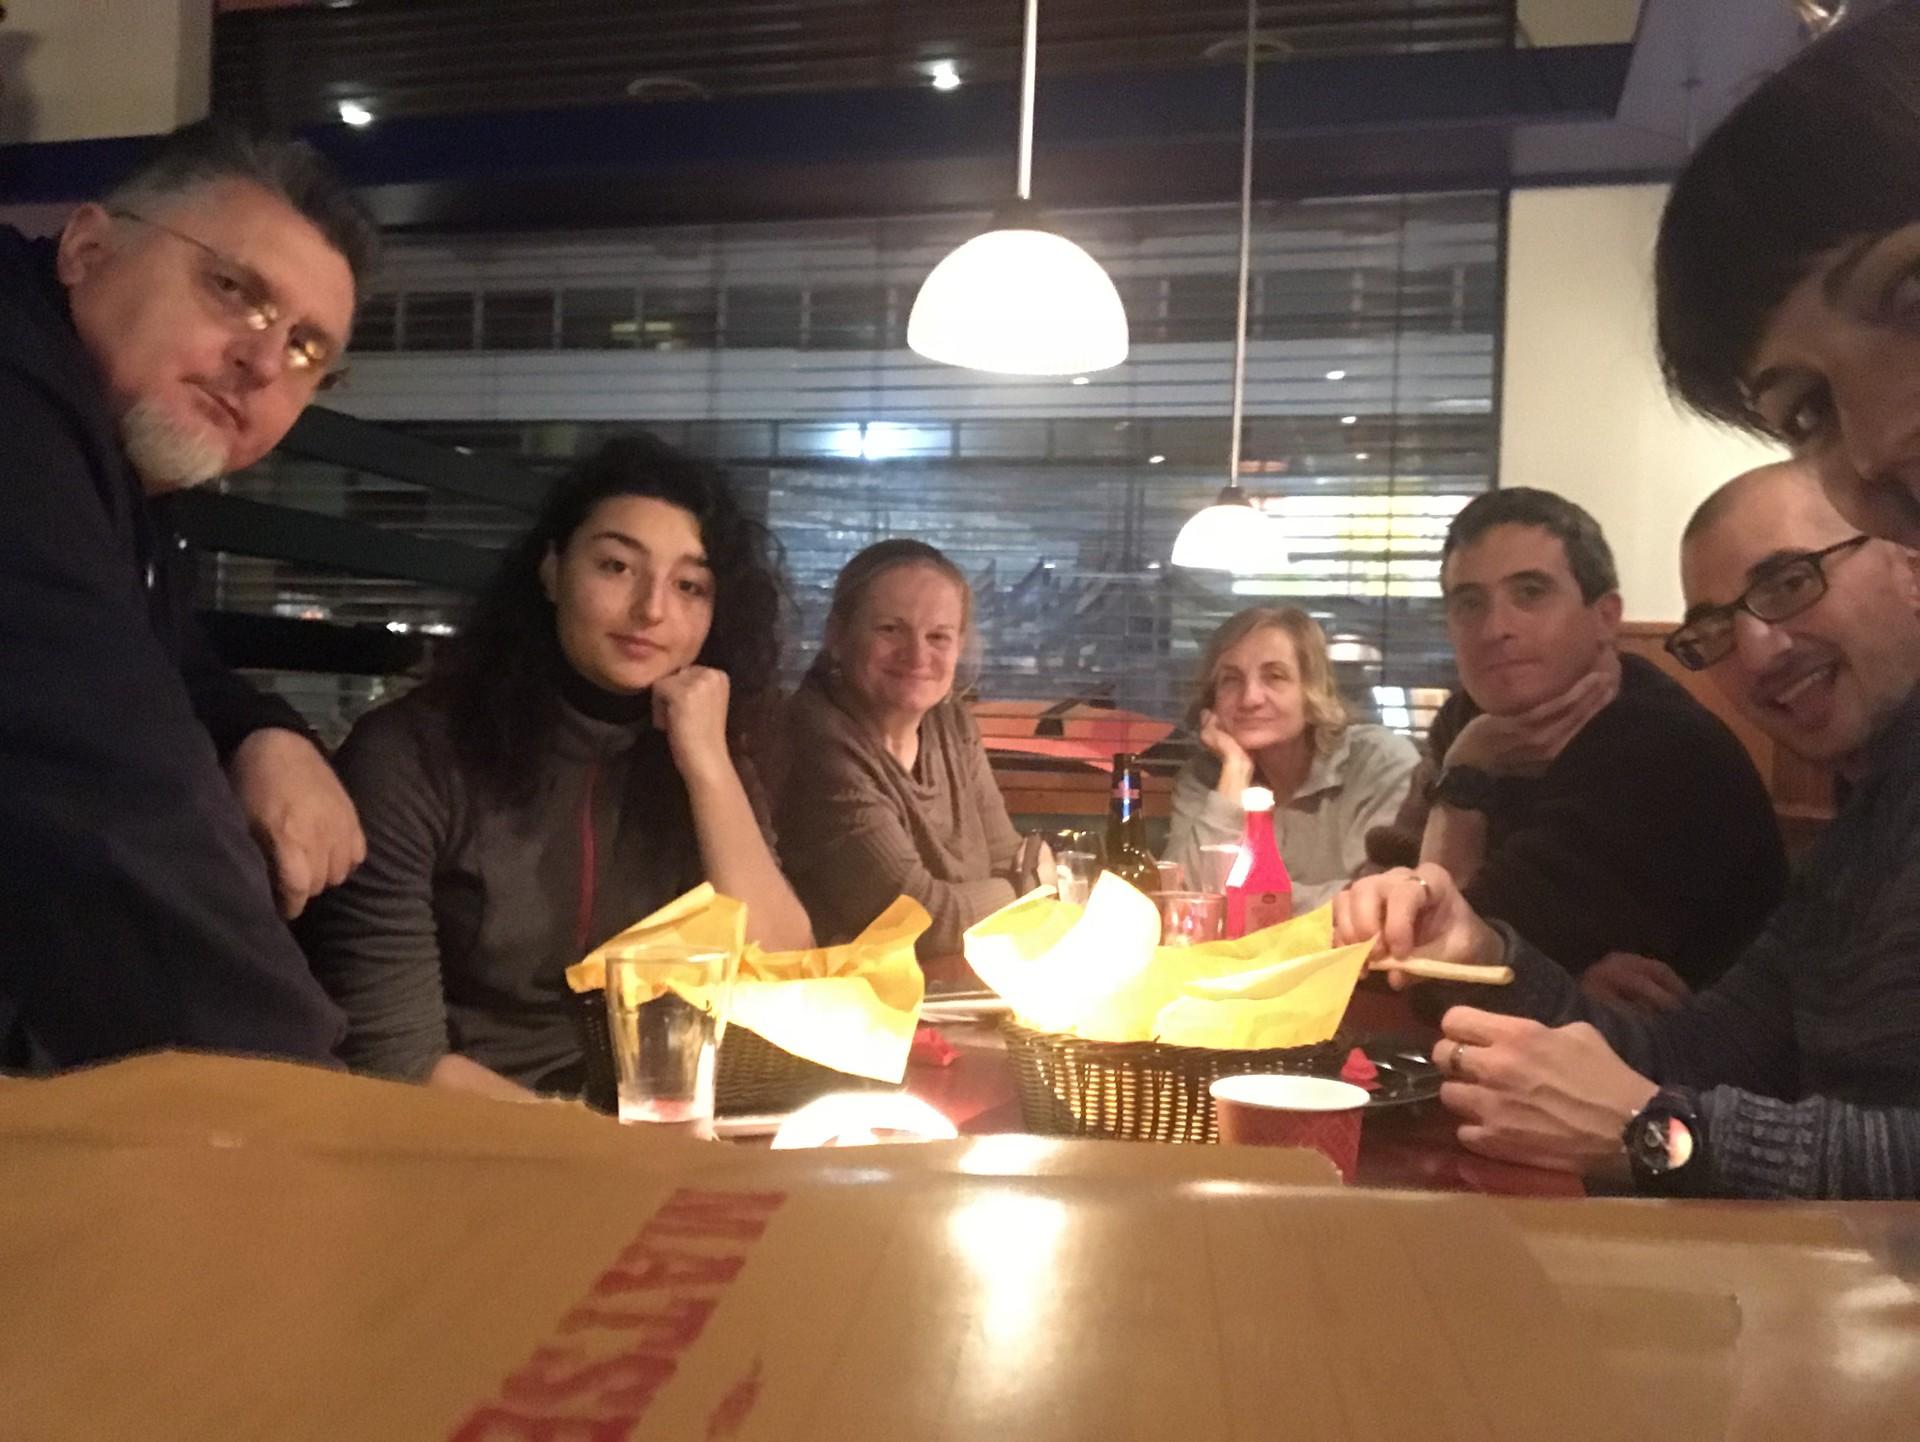 bjarins-beztu-pylsur-hot-dog-a17db4ef70f